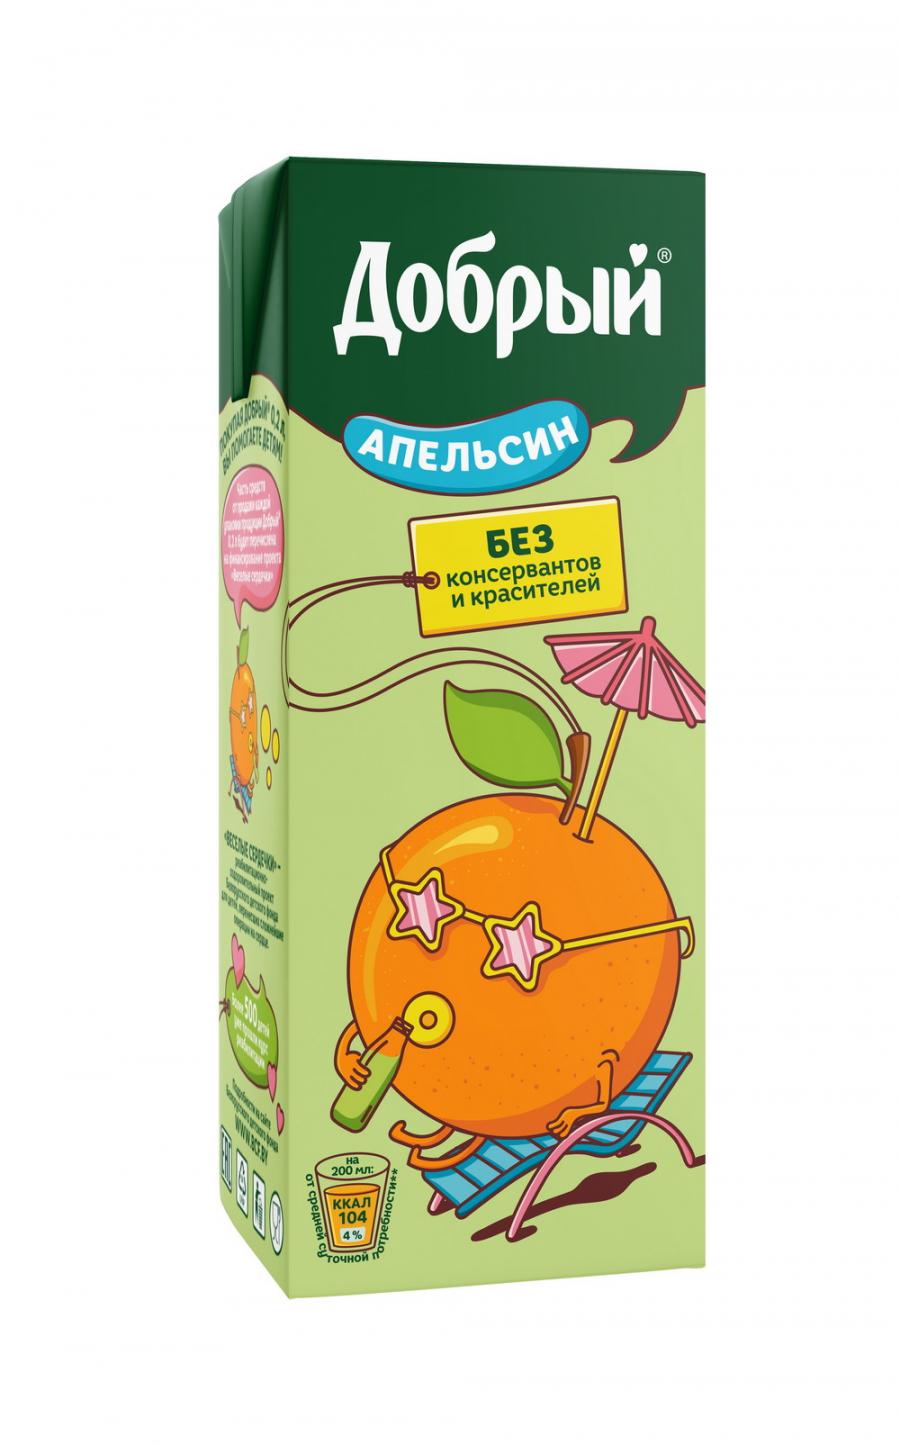 Купить Сок Добрый Апельсин 0.2л, Вкуснов Шаурма